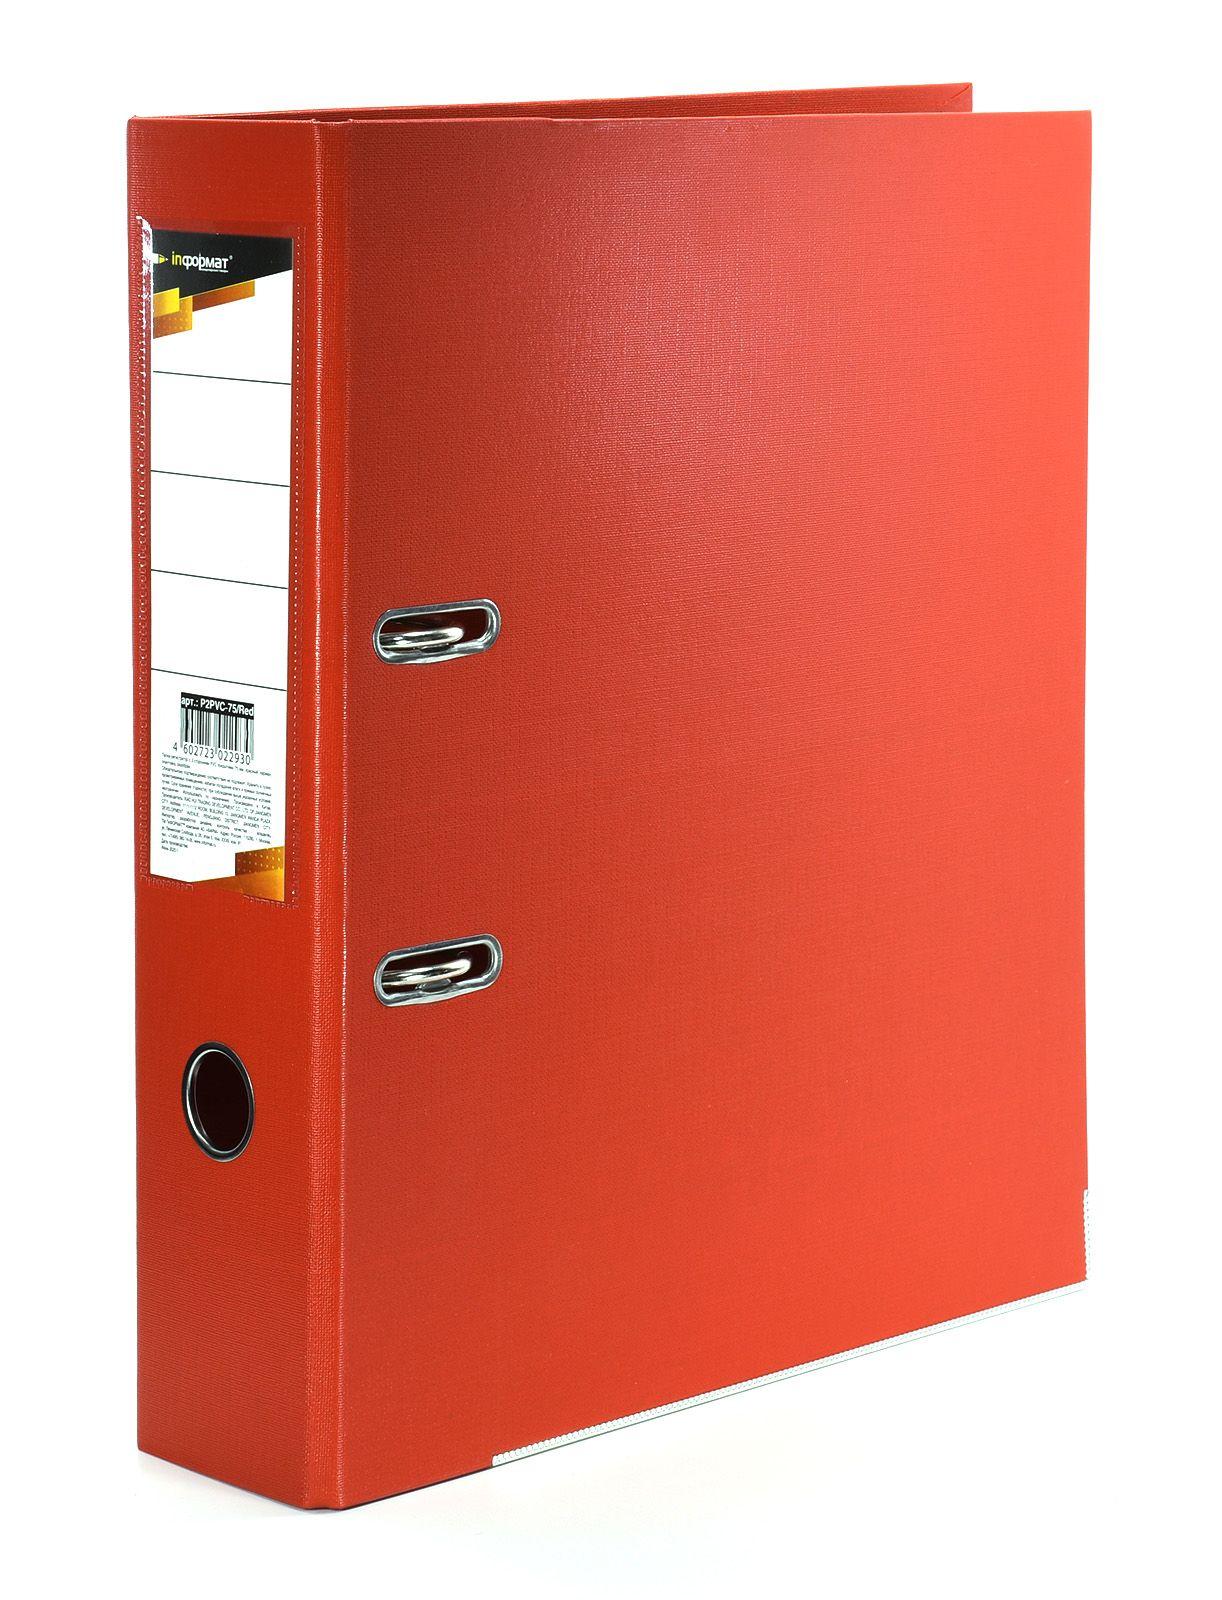 Папка-регистратор INFORMAT 75 мм двухстороннее покрытие PVC, красная